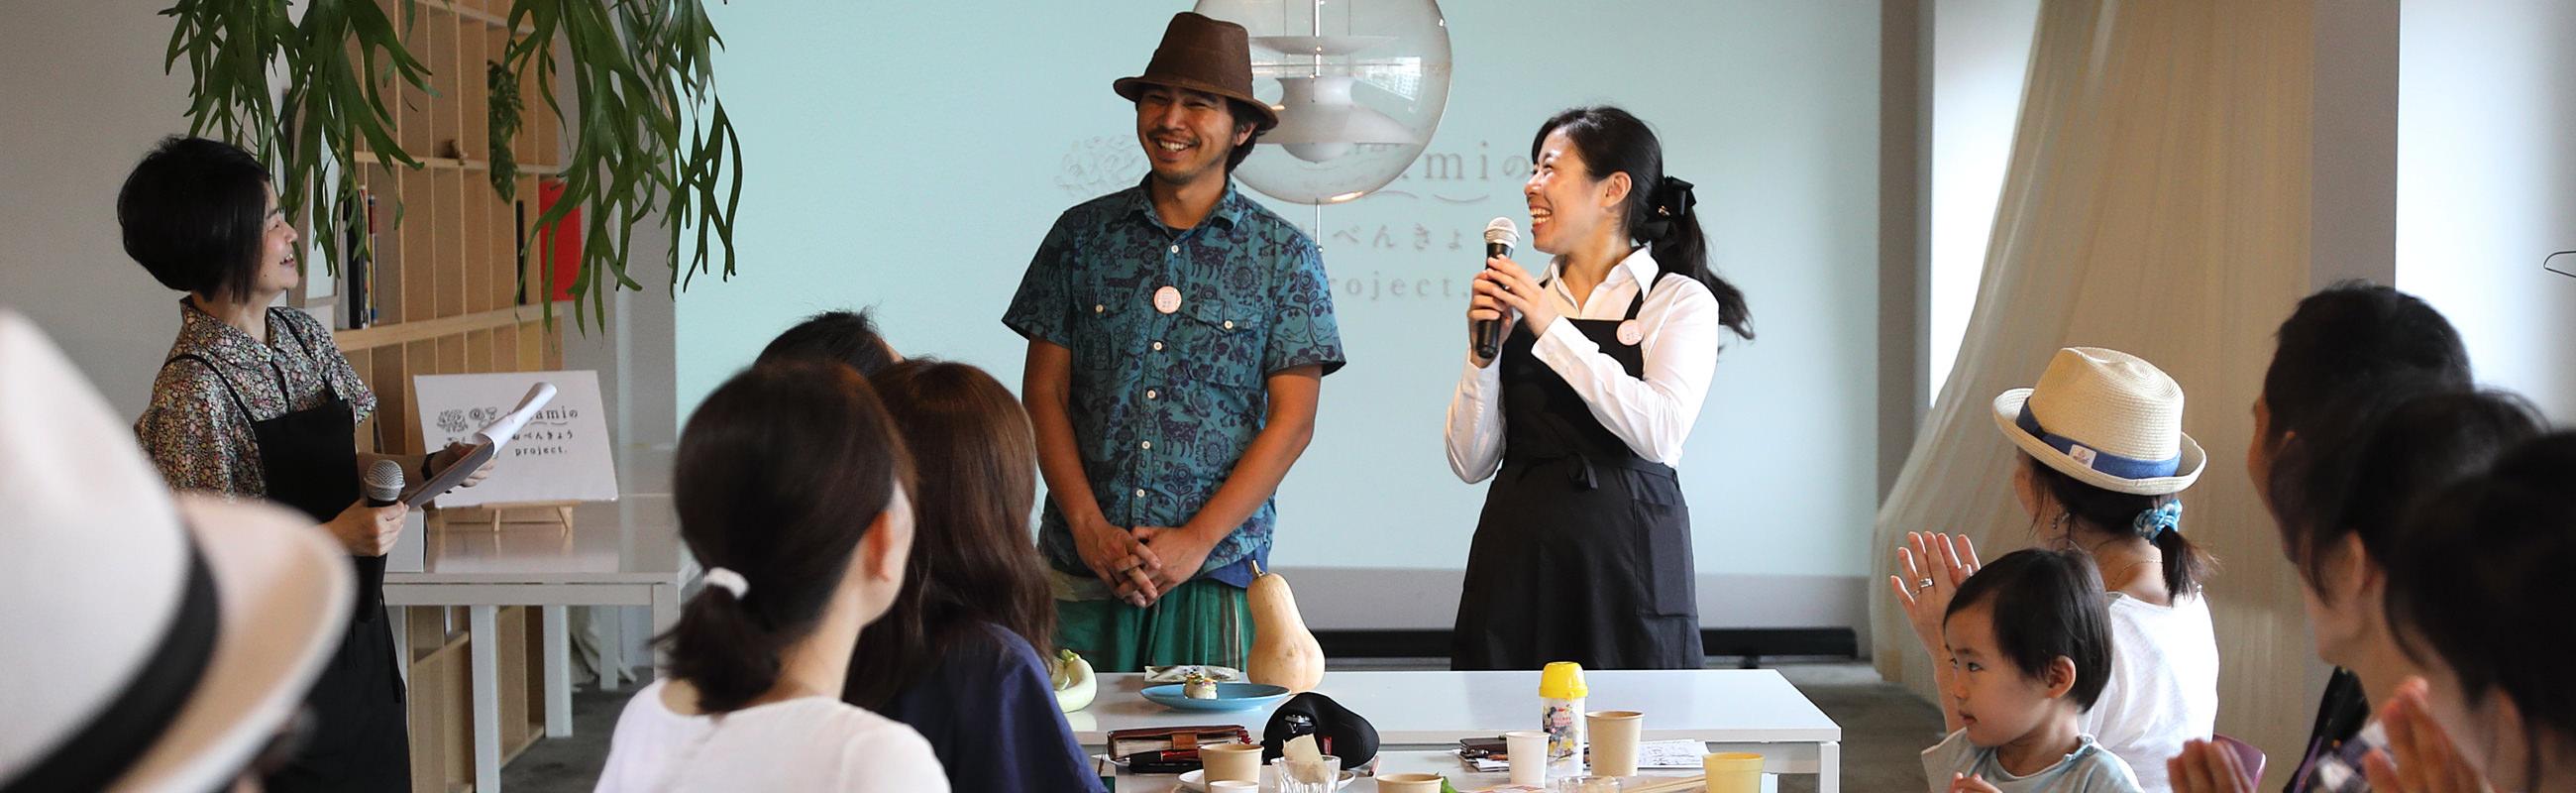 第4回うまみの体験教室 野菜ソムリエ Canacoさん、野菜農家Kiredo 栗田貴士さん写真